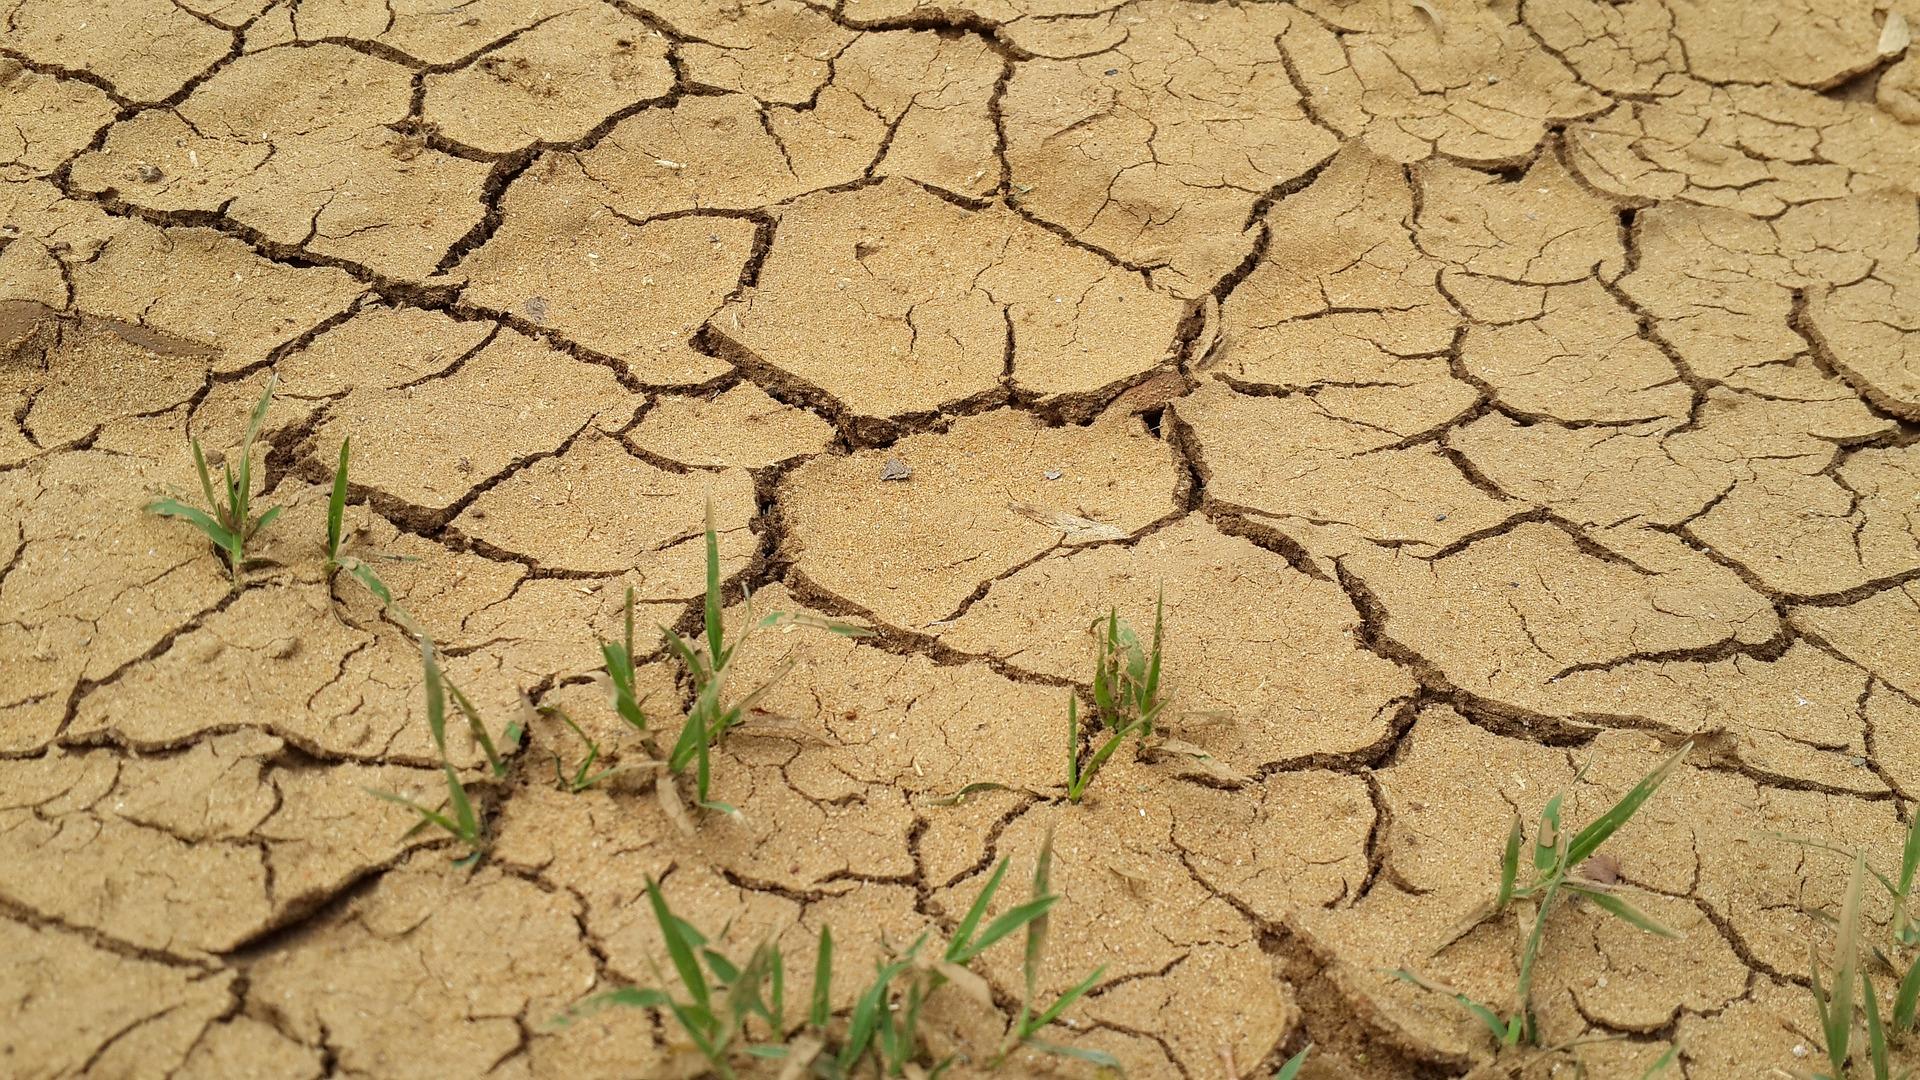 Dürre in der Landwirtschaft. © Wouter Hattingh